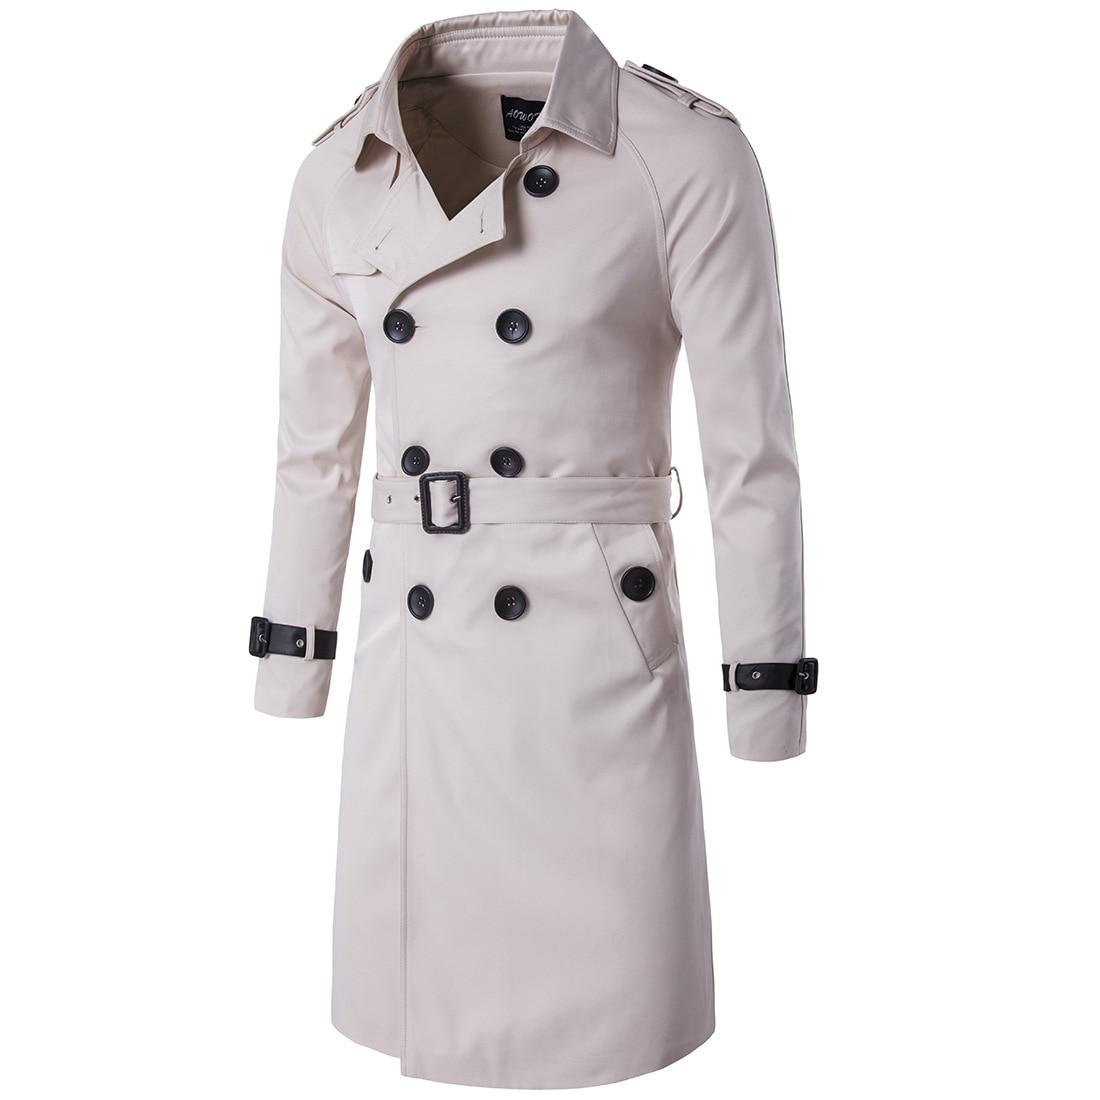 НОВЫЙ Тренч, Мужская брендовая одежда, высокое качество, мужской Тренч, новинка 2017, модное дизайнерское мужское длинное пальто, Осень зима - 3